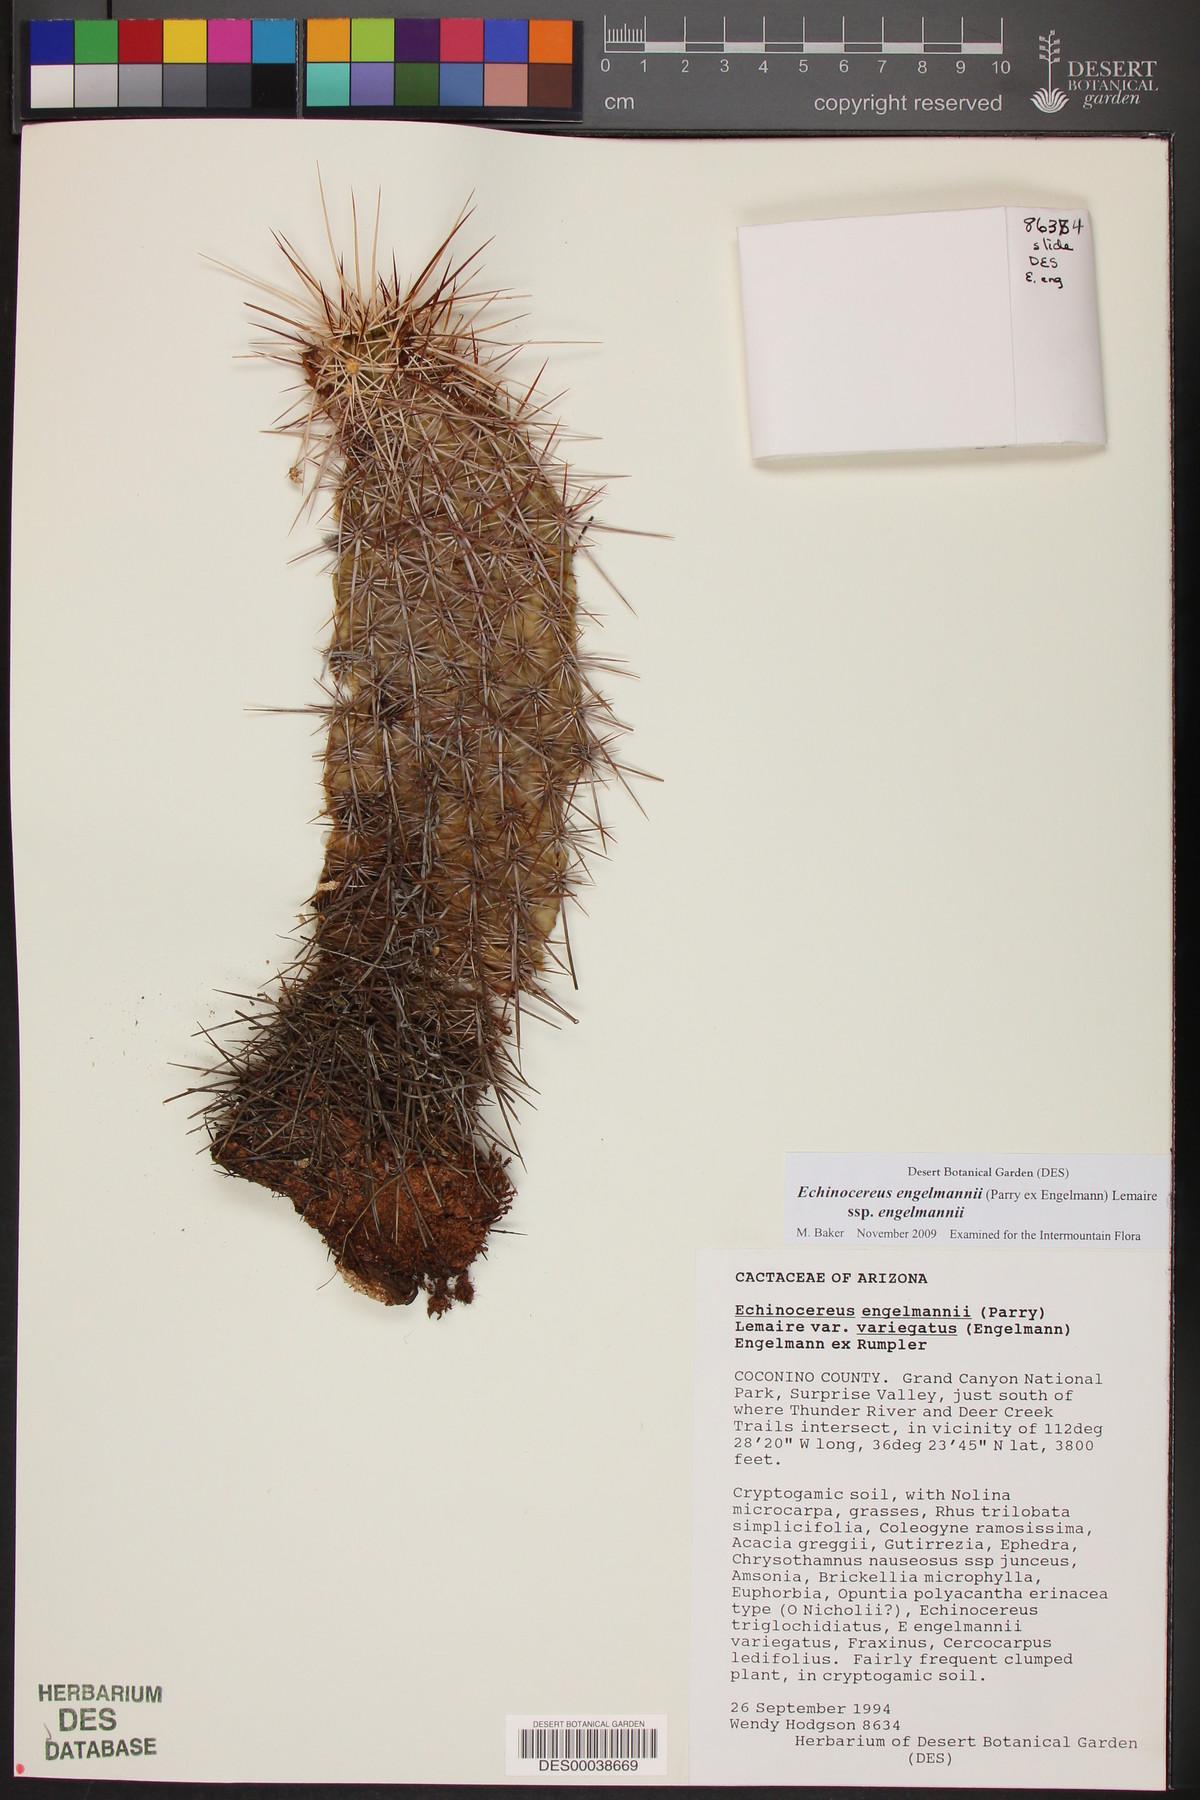 Echinocereus engelmannii var. variegatus image